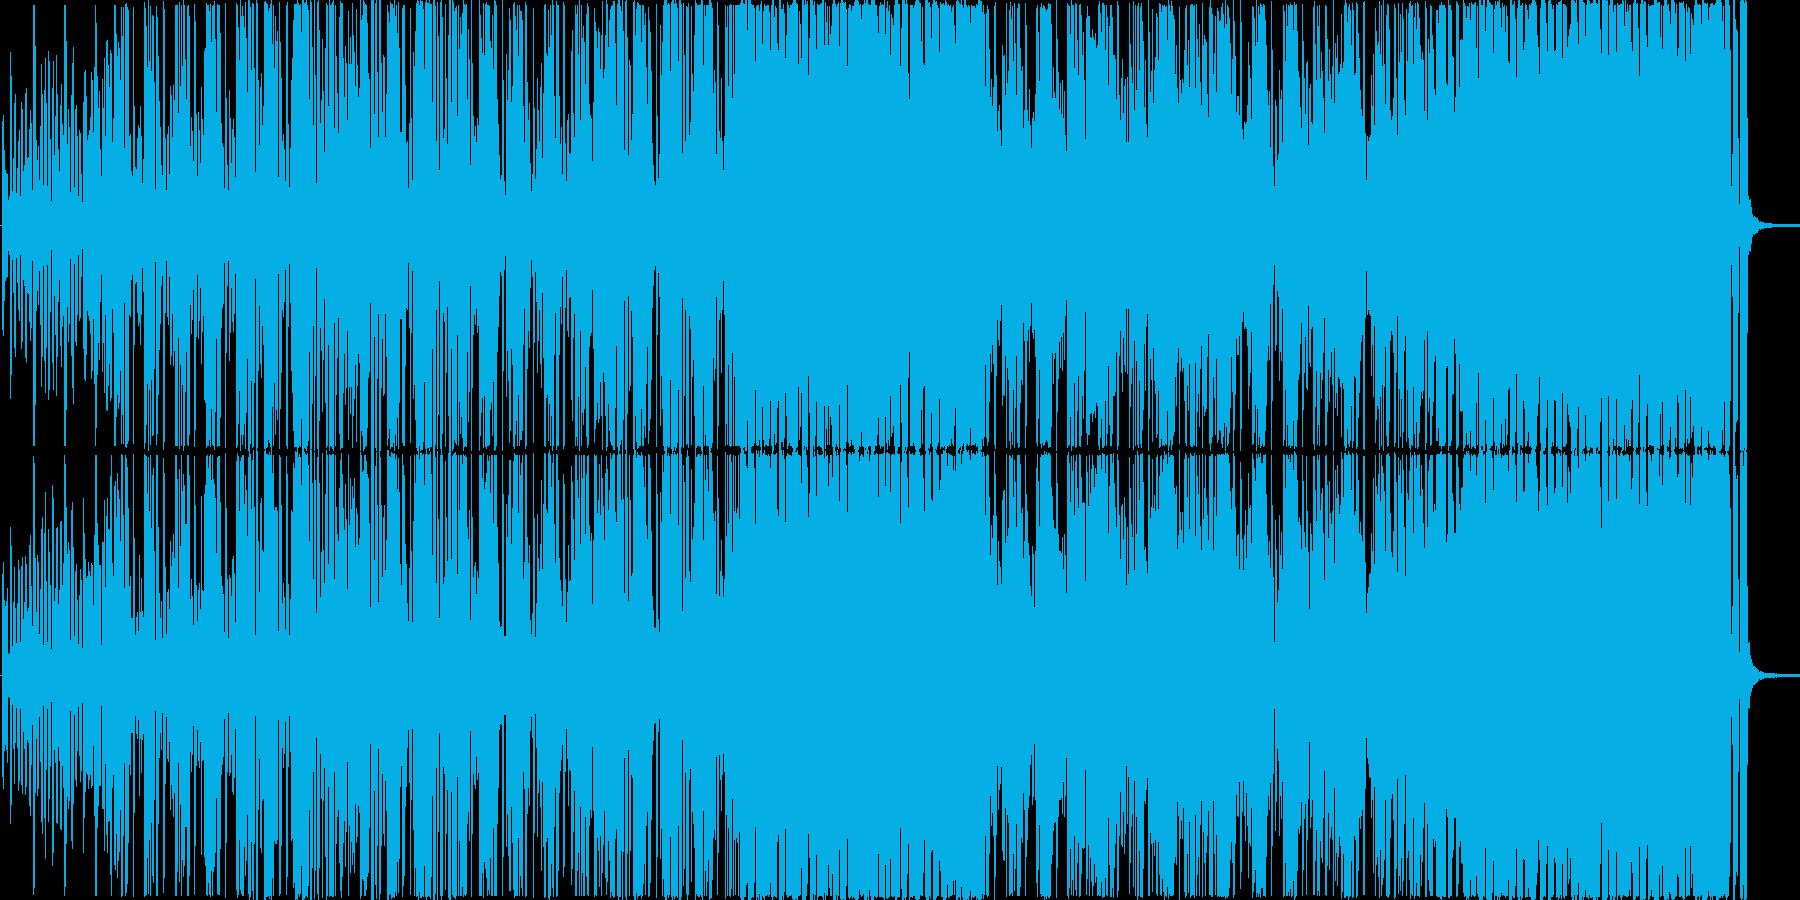 新鮮で幸福感あるジャズファンクの再生済みの波形